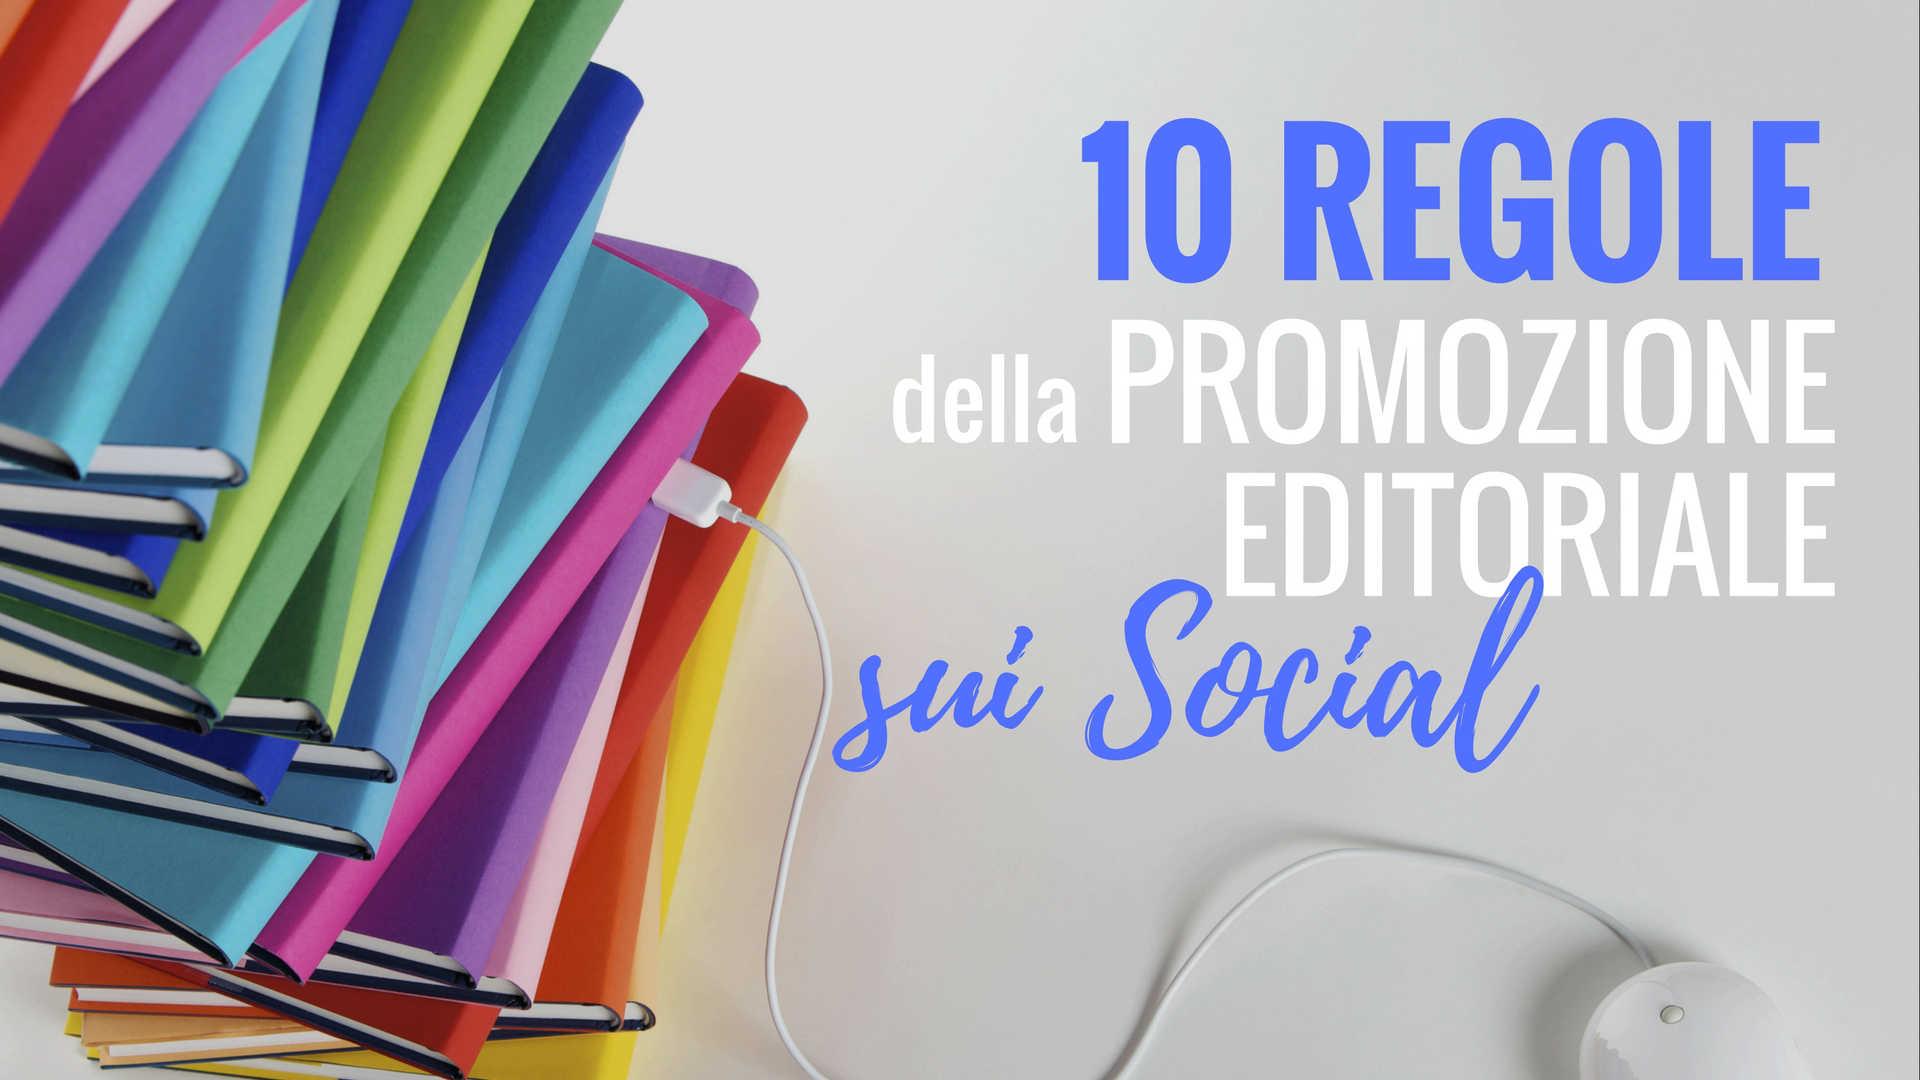 regole promozione editoriale sui social